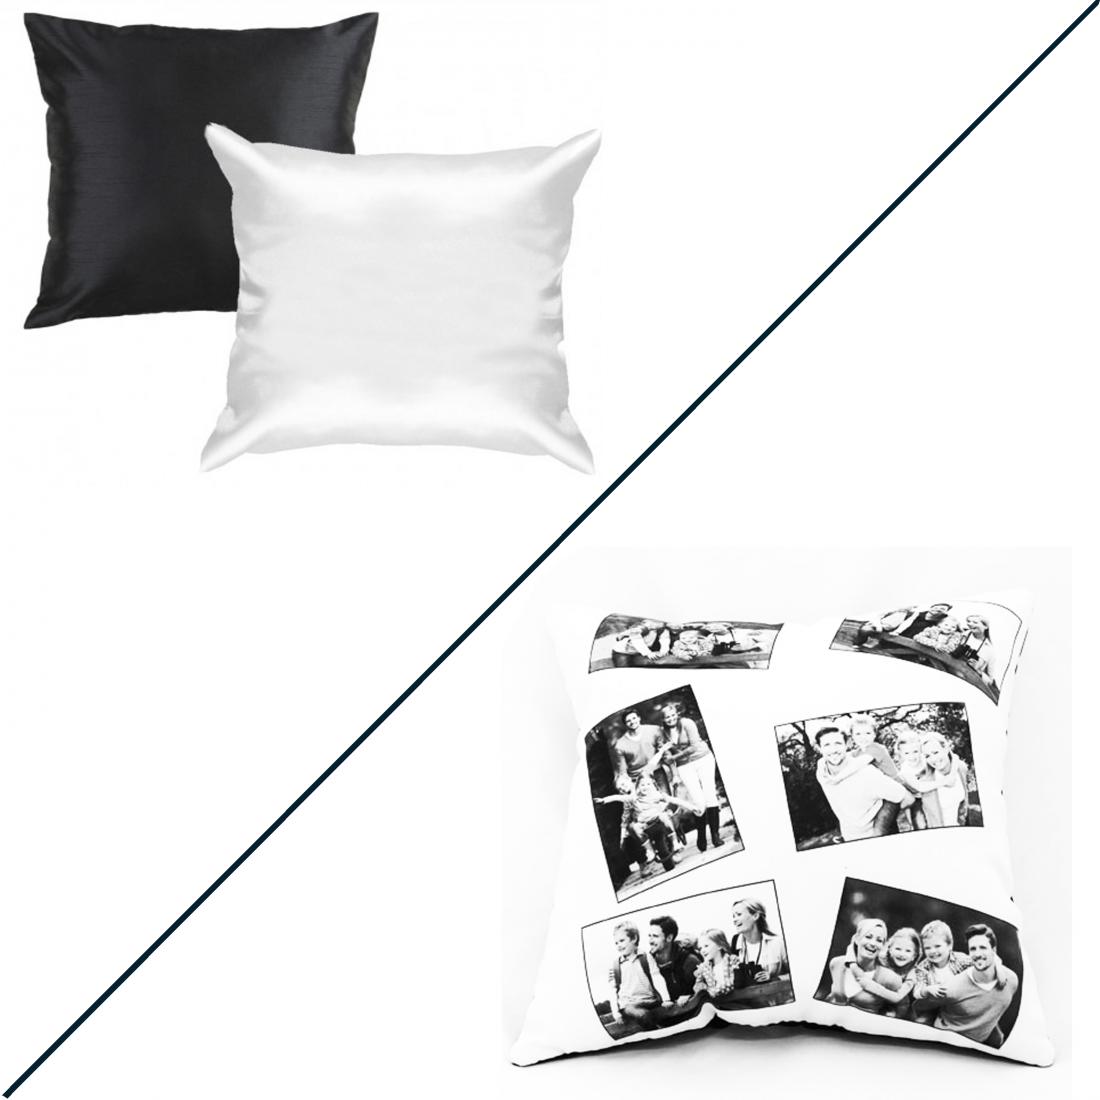 пришли компанию печать фотографий на подушках ярославле нуждается